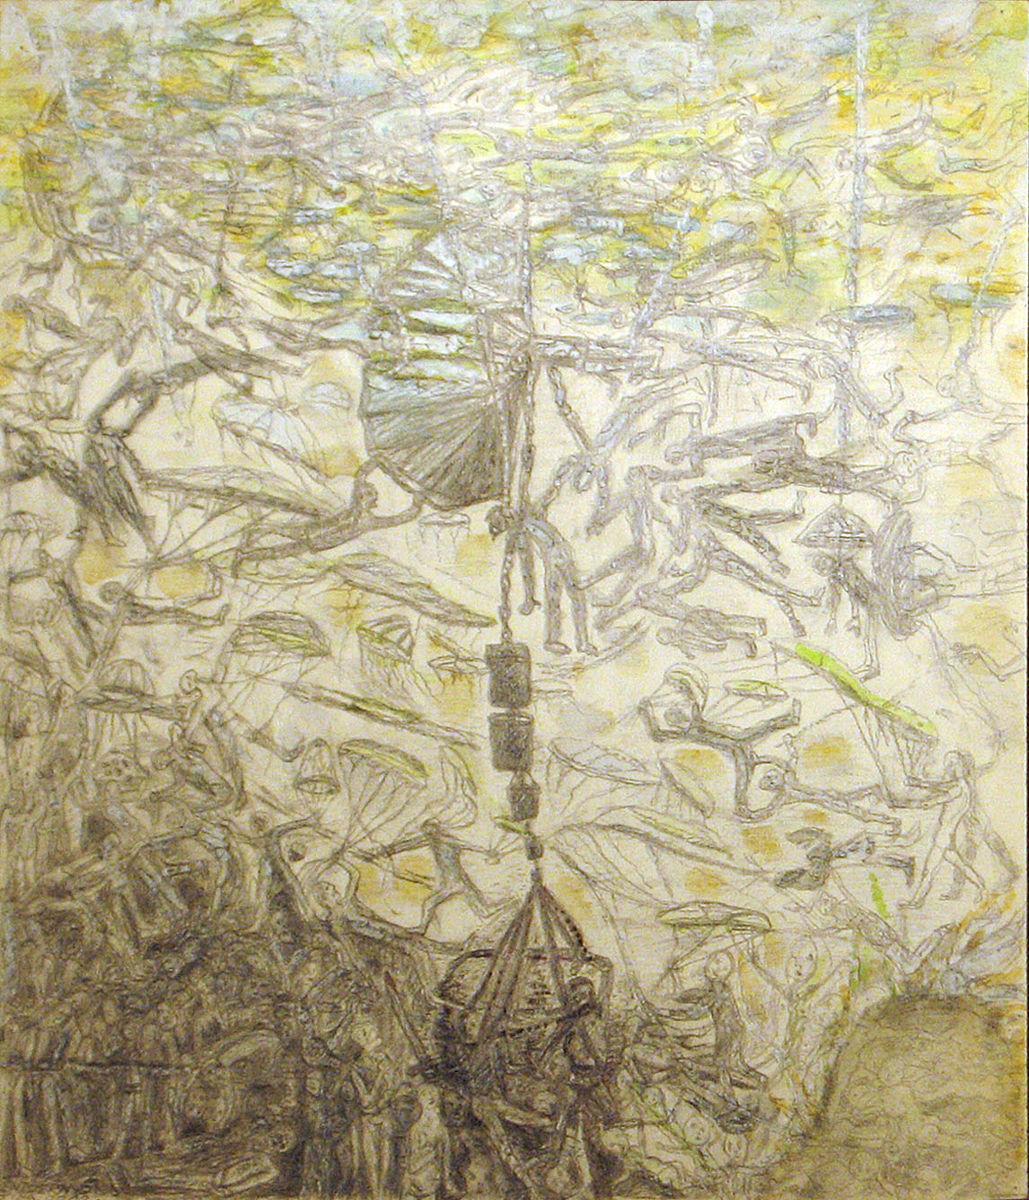 Mentőernyők - p. cer. temp 43x38,5 cm (2012)